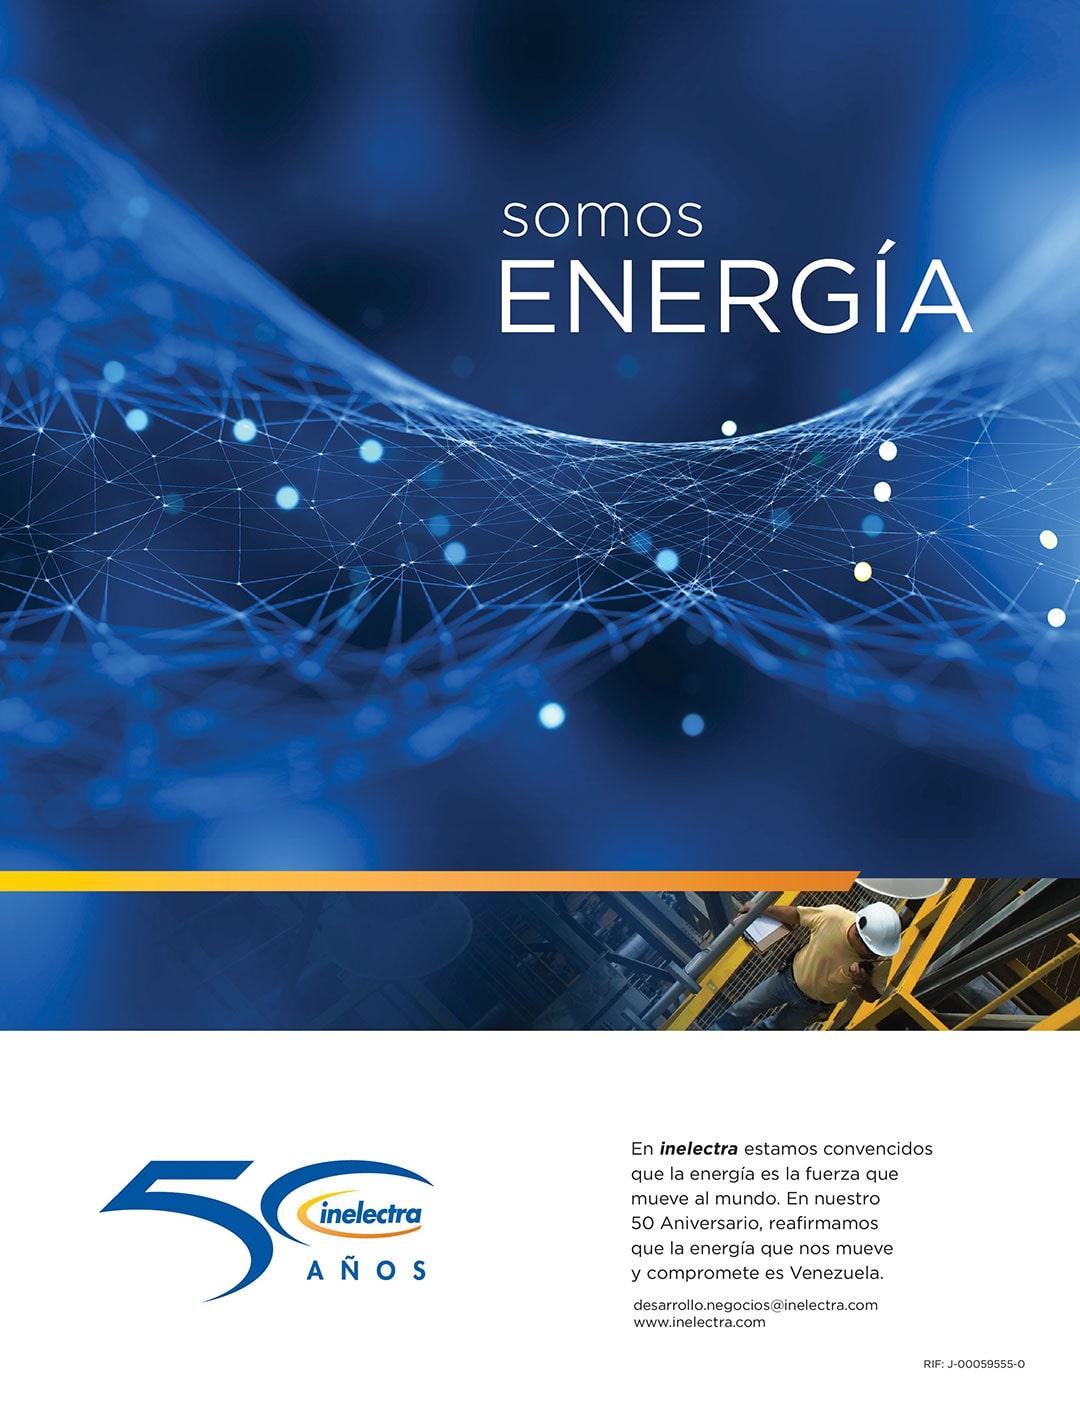 INELECTRA. Somos Energía